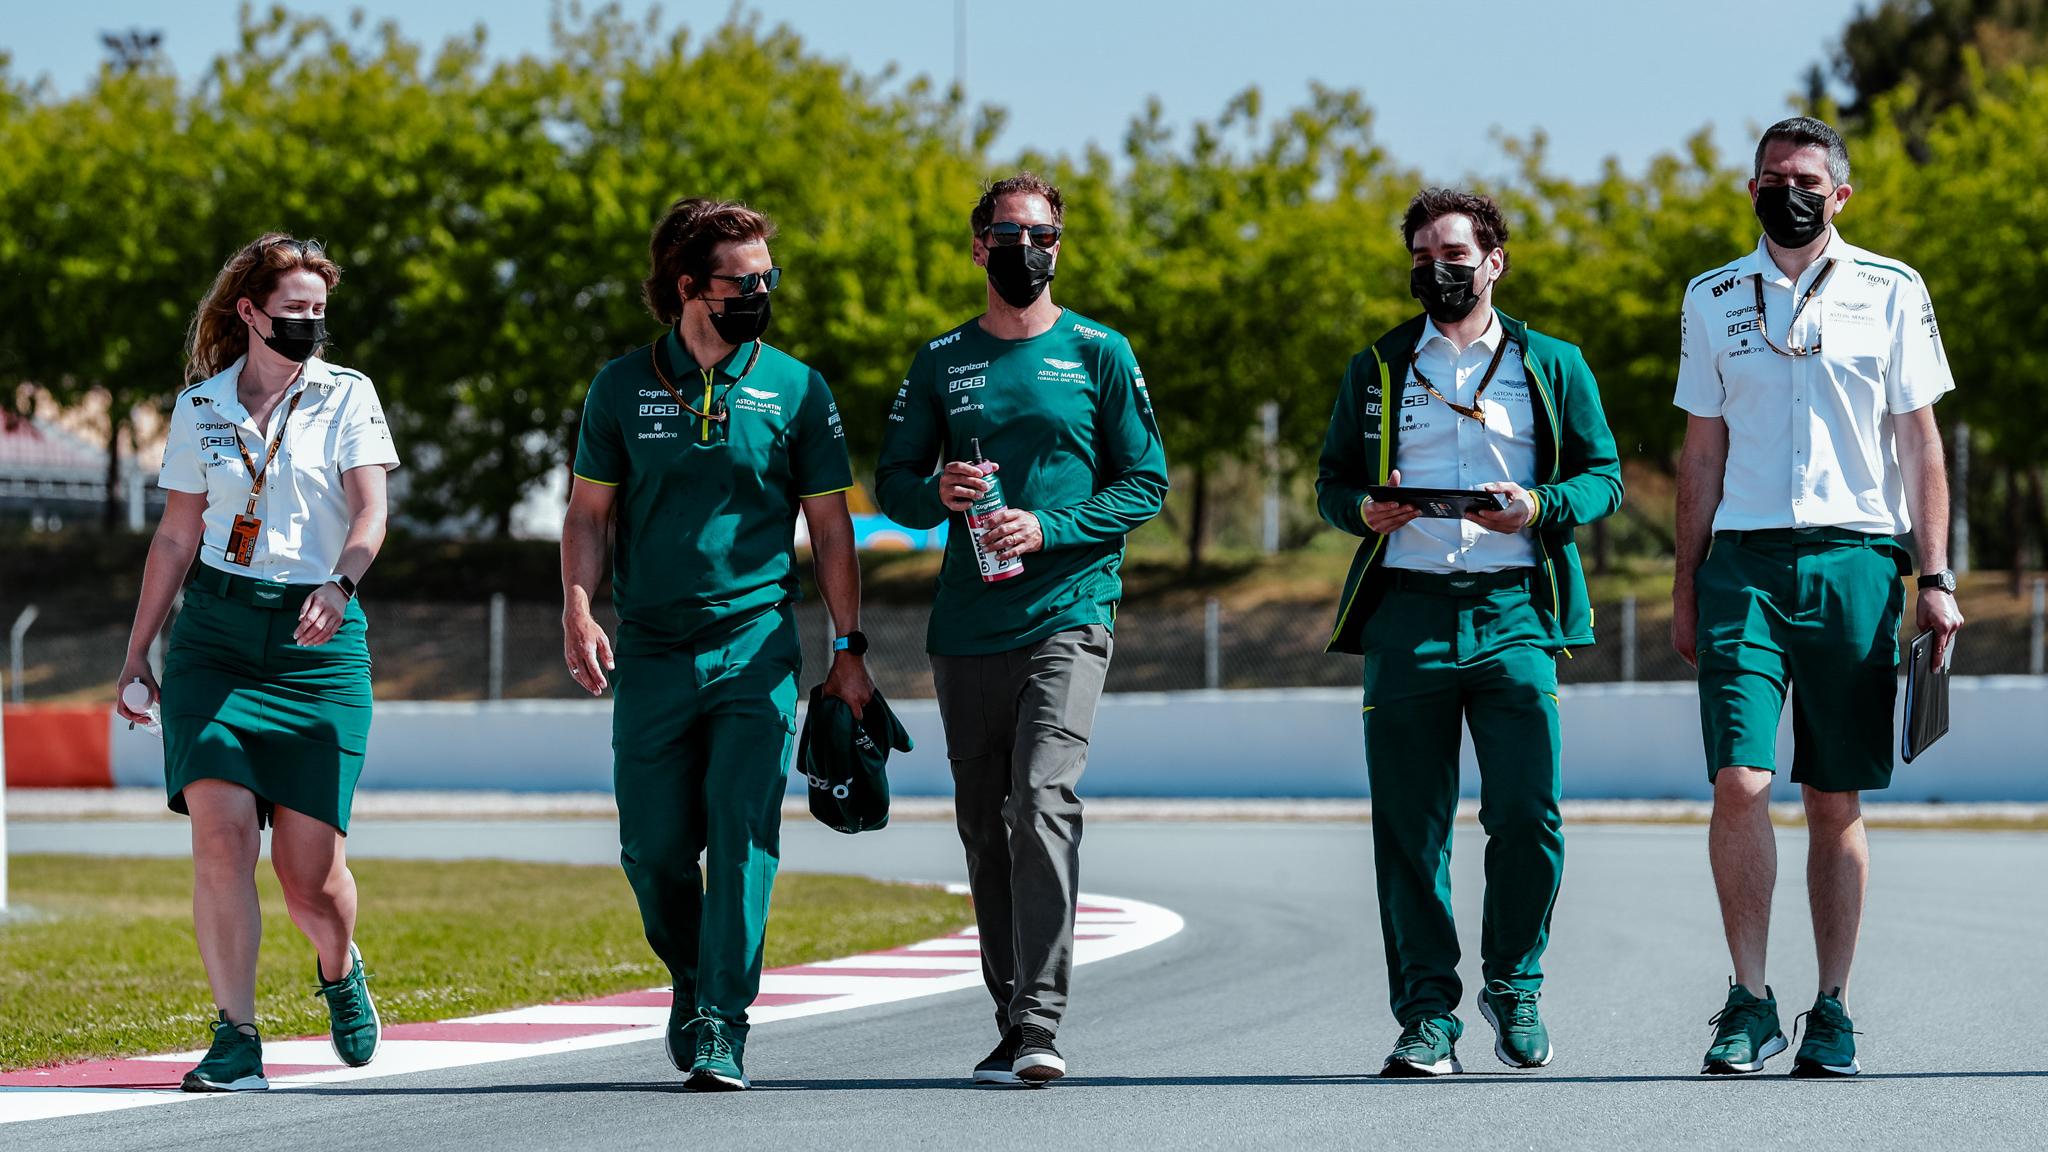 F1 - Limites de piste : les pilotes de F1 sous surveillance à Barcelone